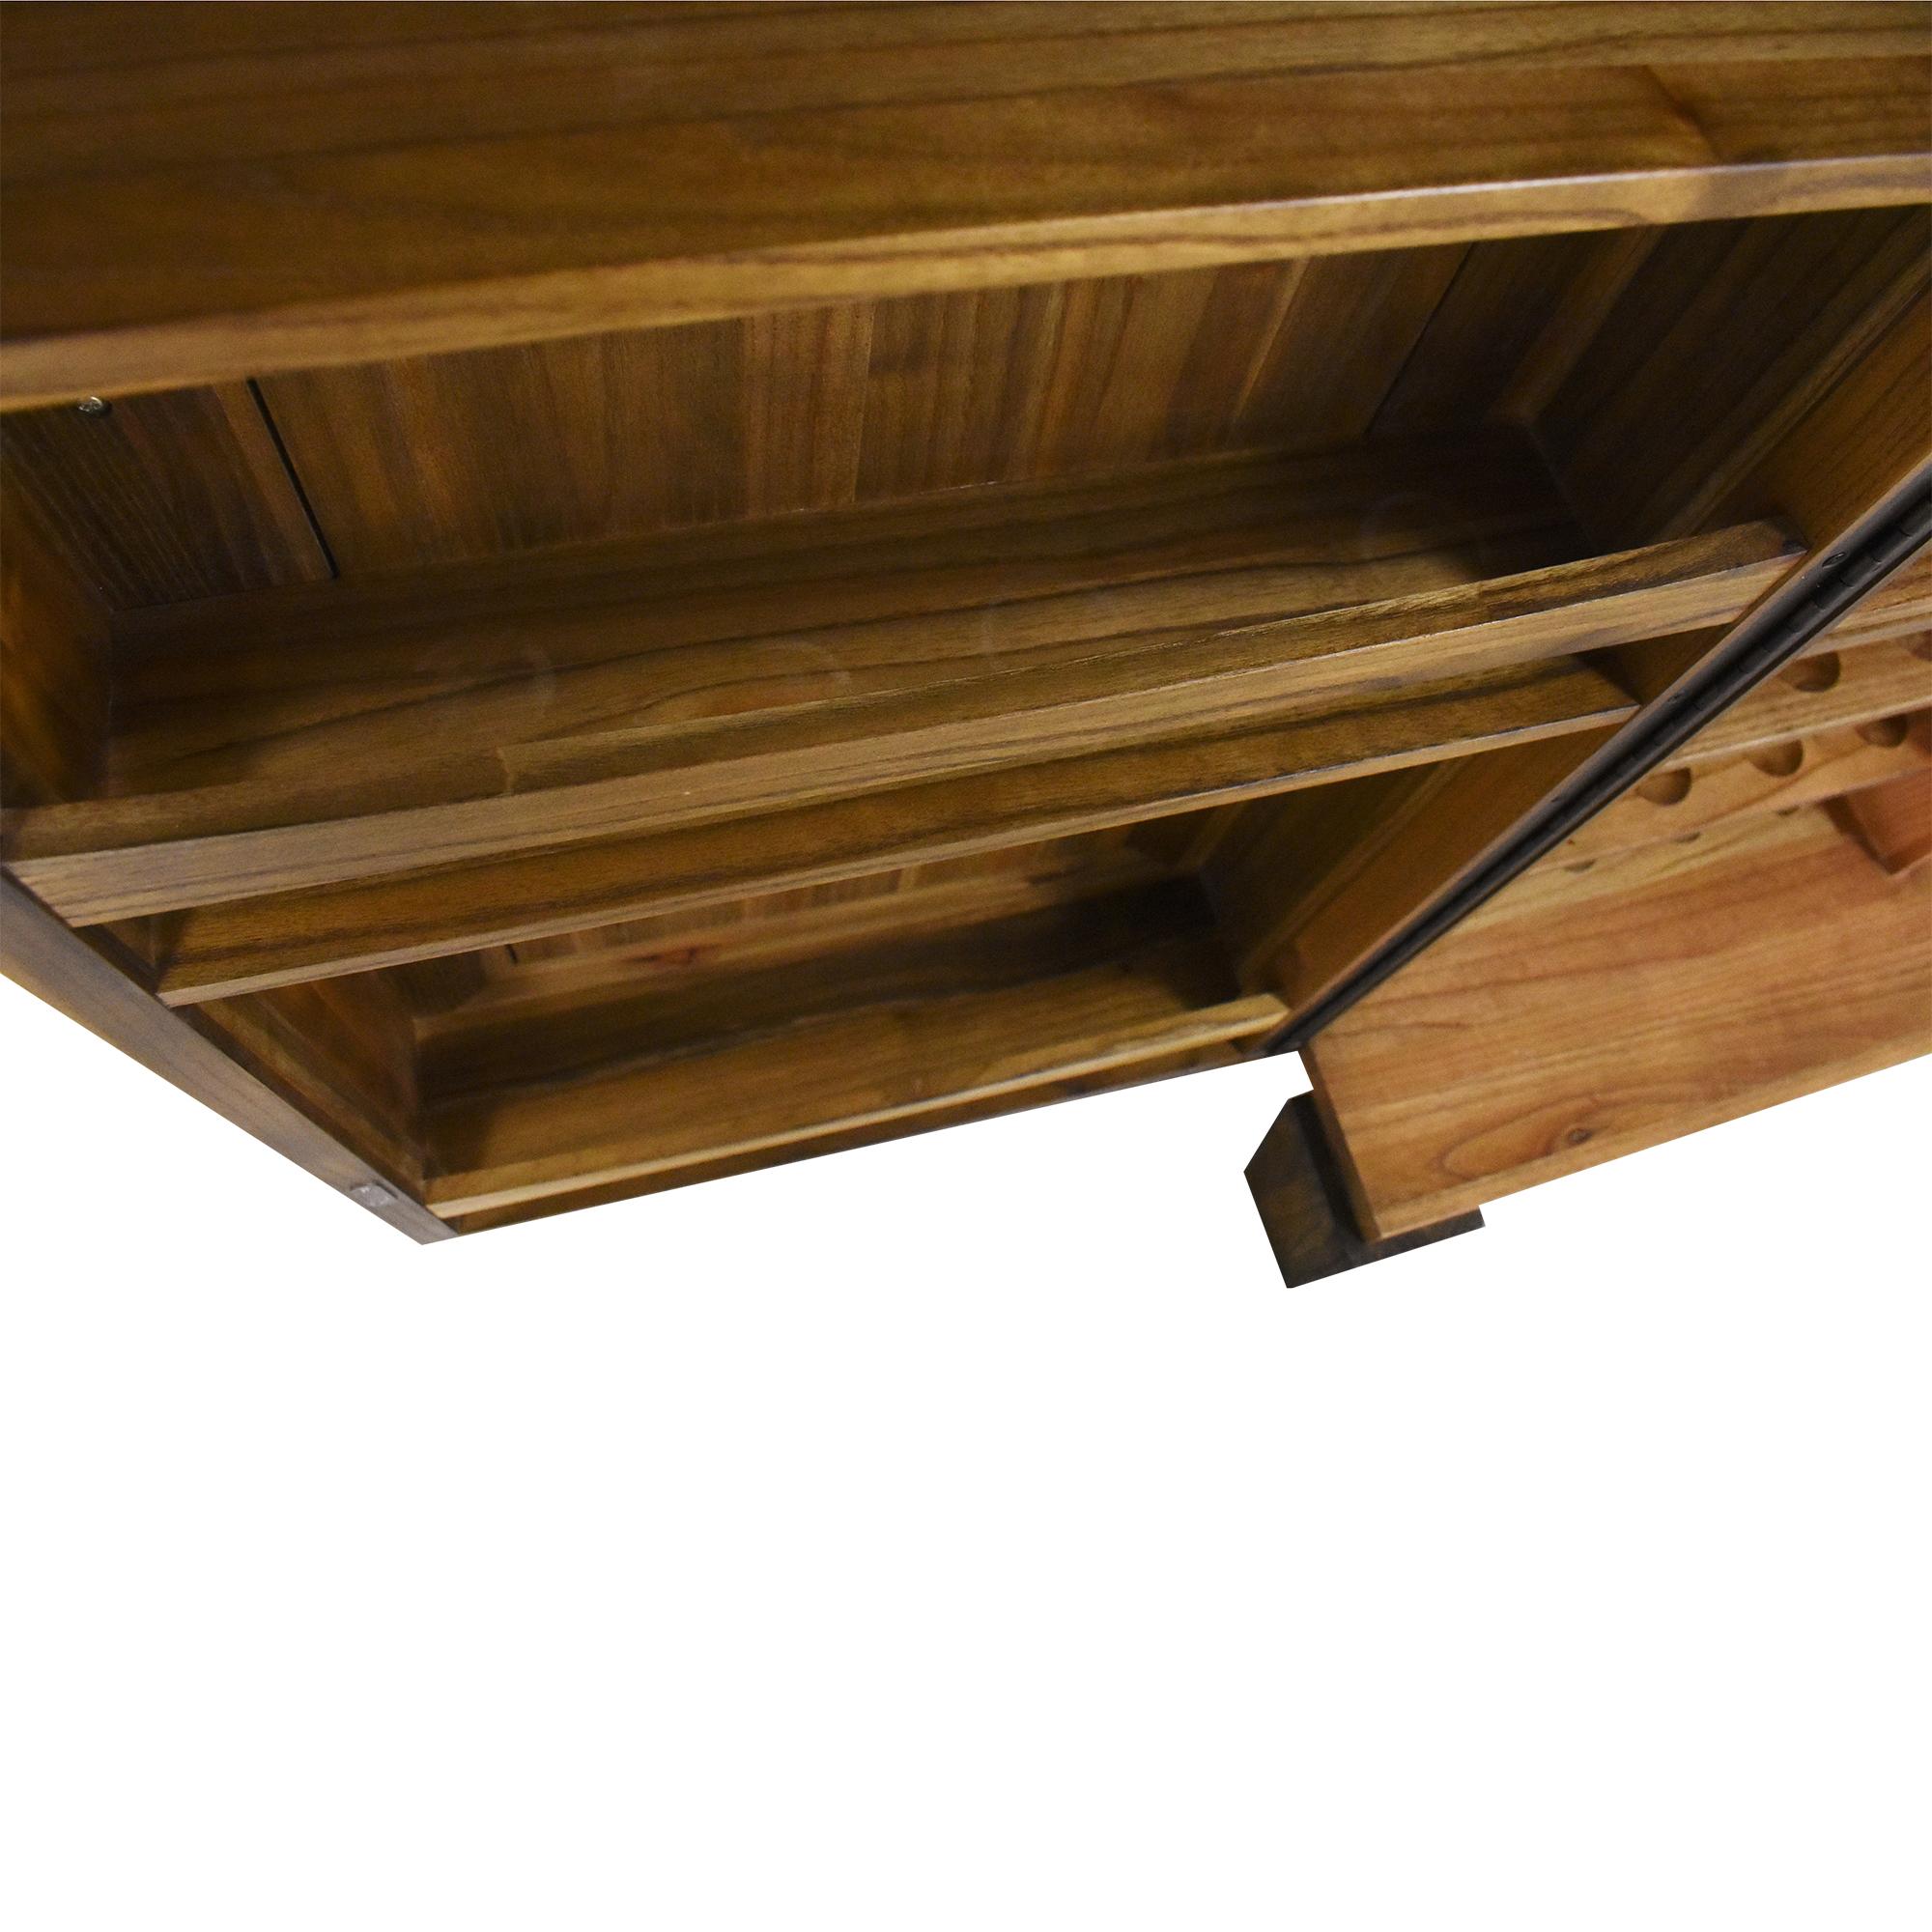 Crate & Barrel Marin Bar Cabinet sale